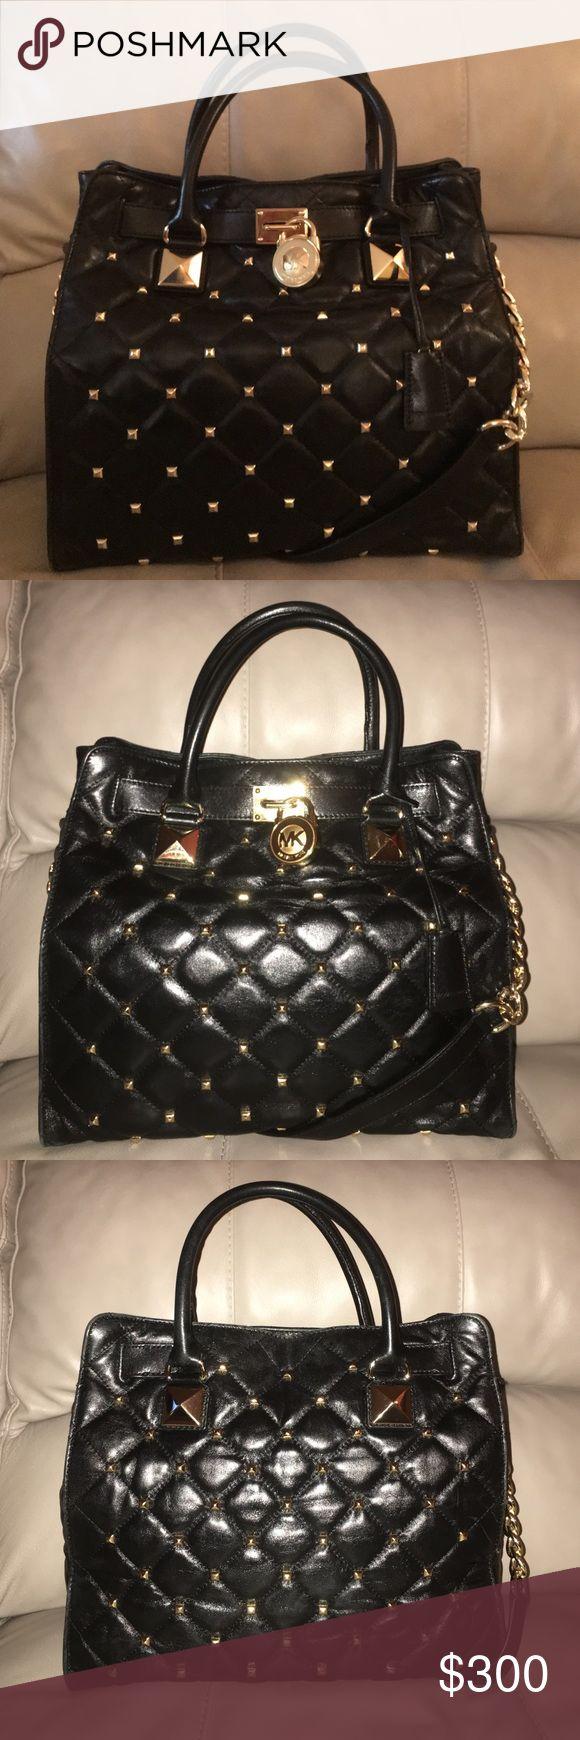 Micheal kors handbag Studded Michael Kors purse, price is negotiable Michael Kors Bags Totes